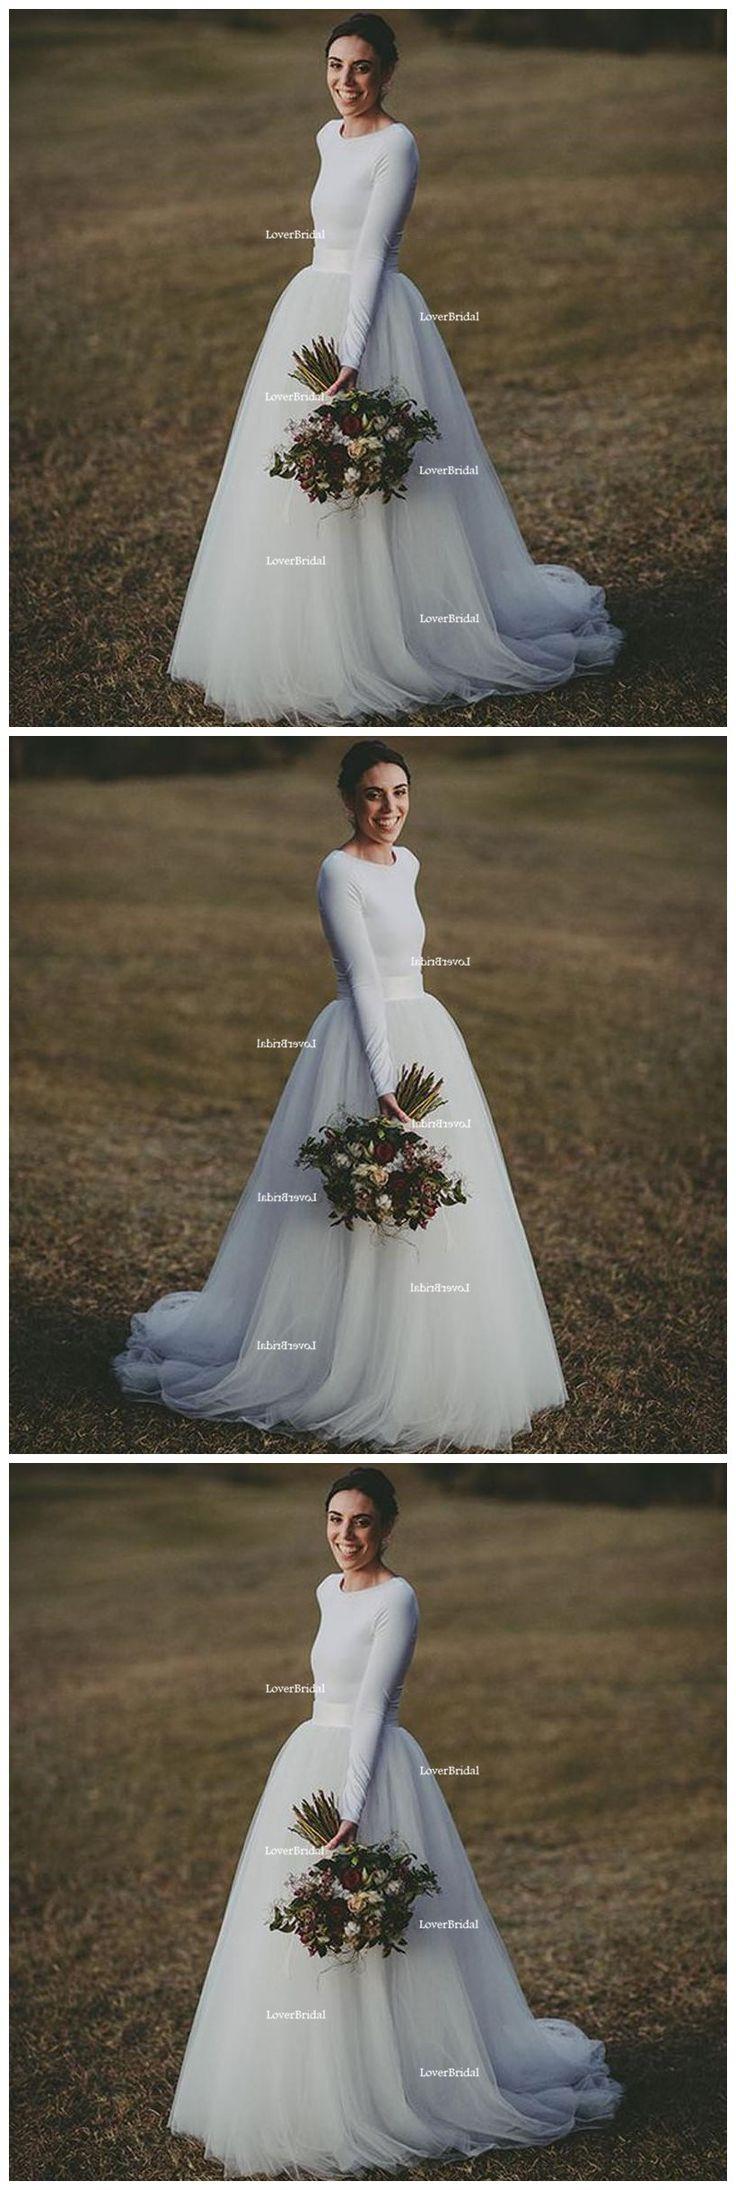 Cheap unique wedding dresses   best Cheap Wedding Dresses images on Pinterest  Short wedding